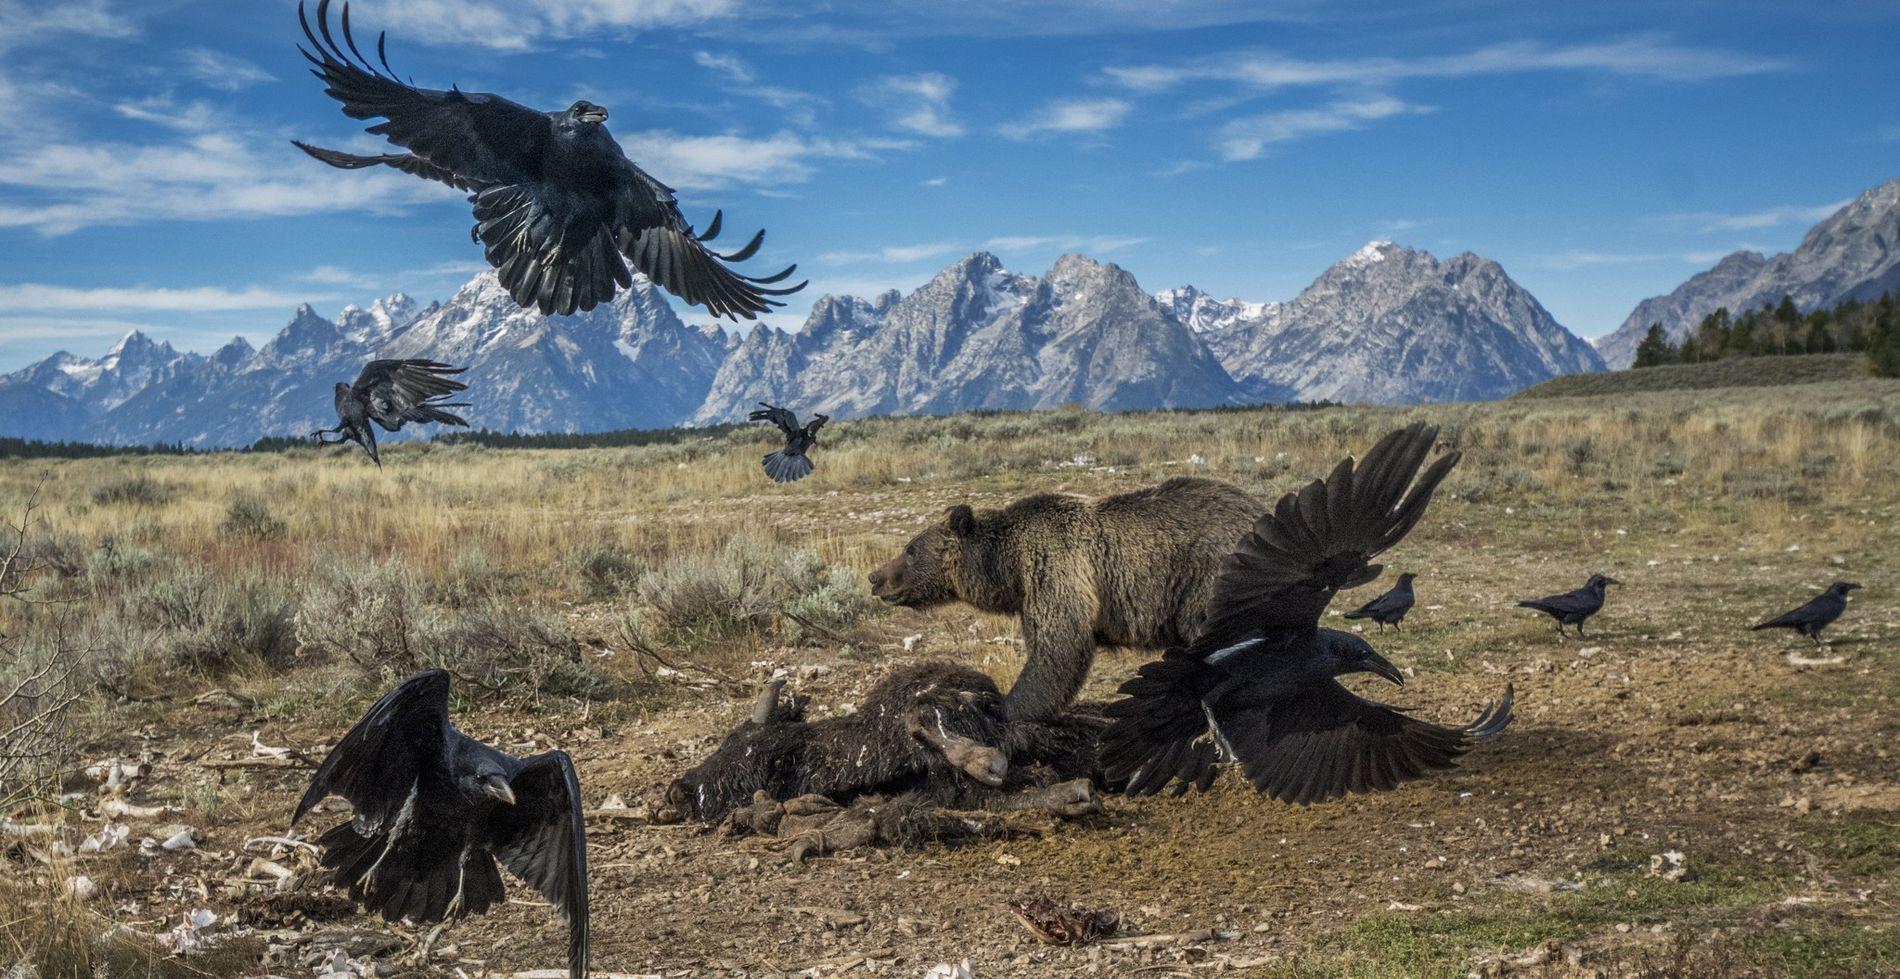 PARQUE NACIONAL GRAND TETON, EUA – Enviado para o Wyoming em 2014, o fotógrafo britânico Charlie ...